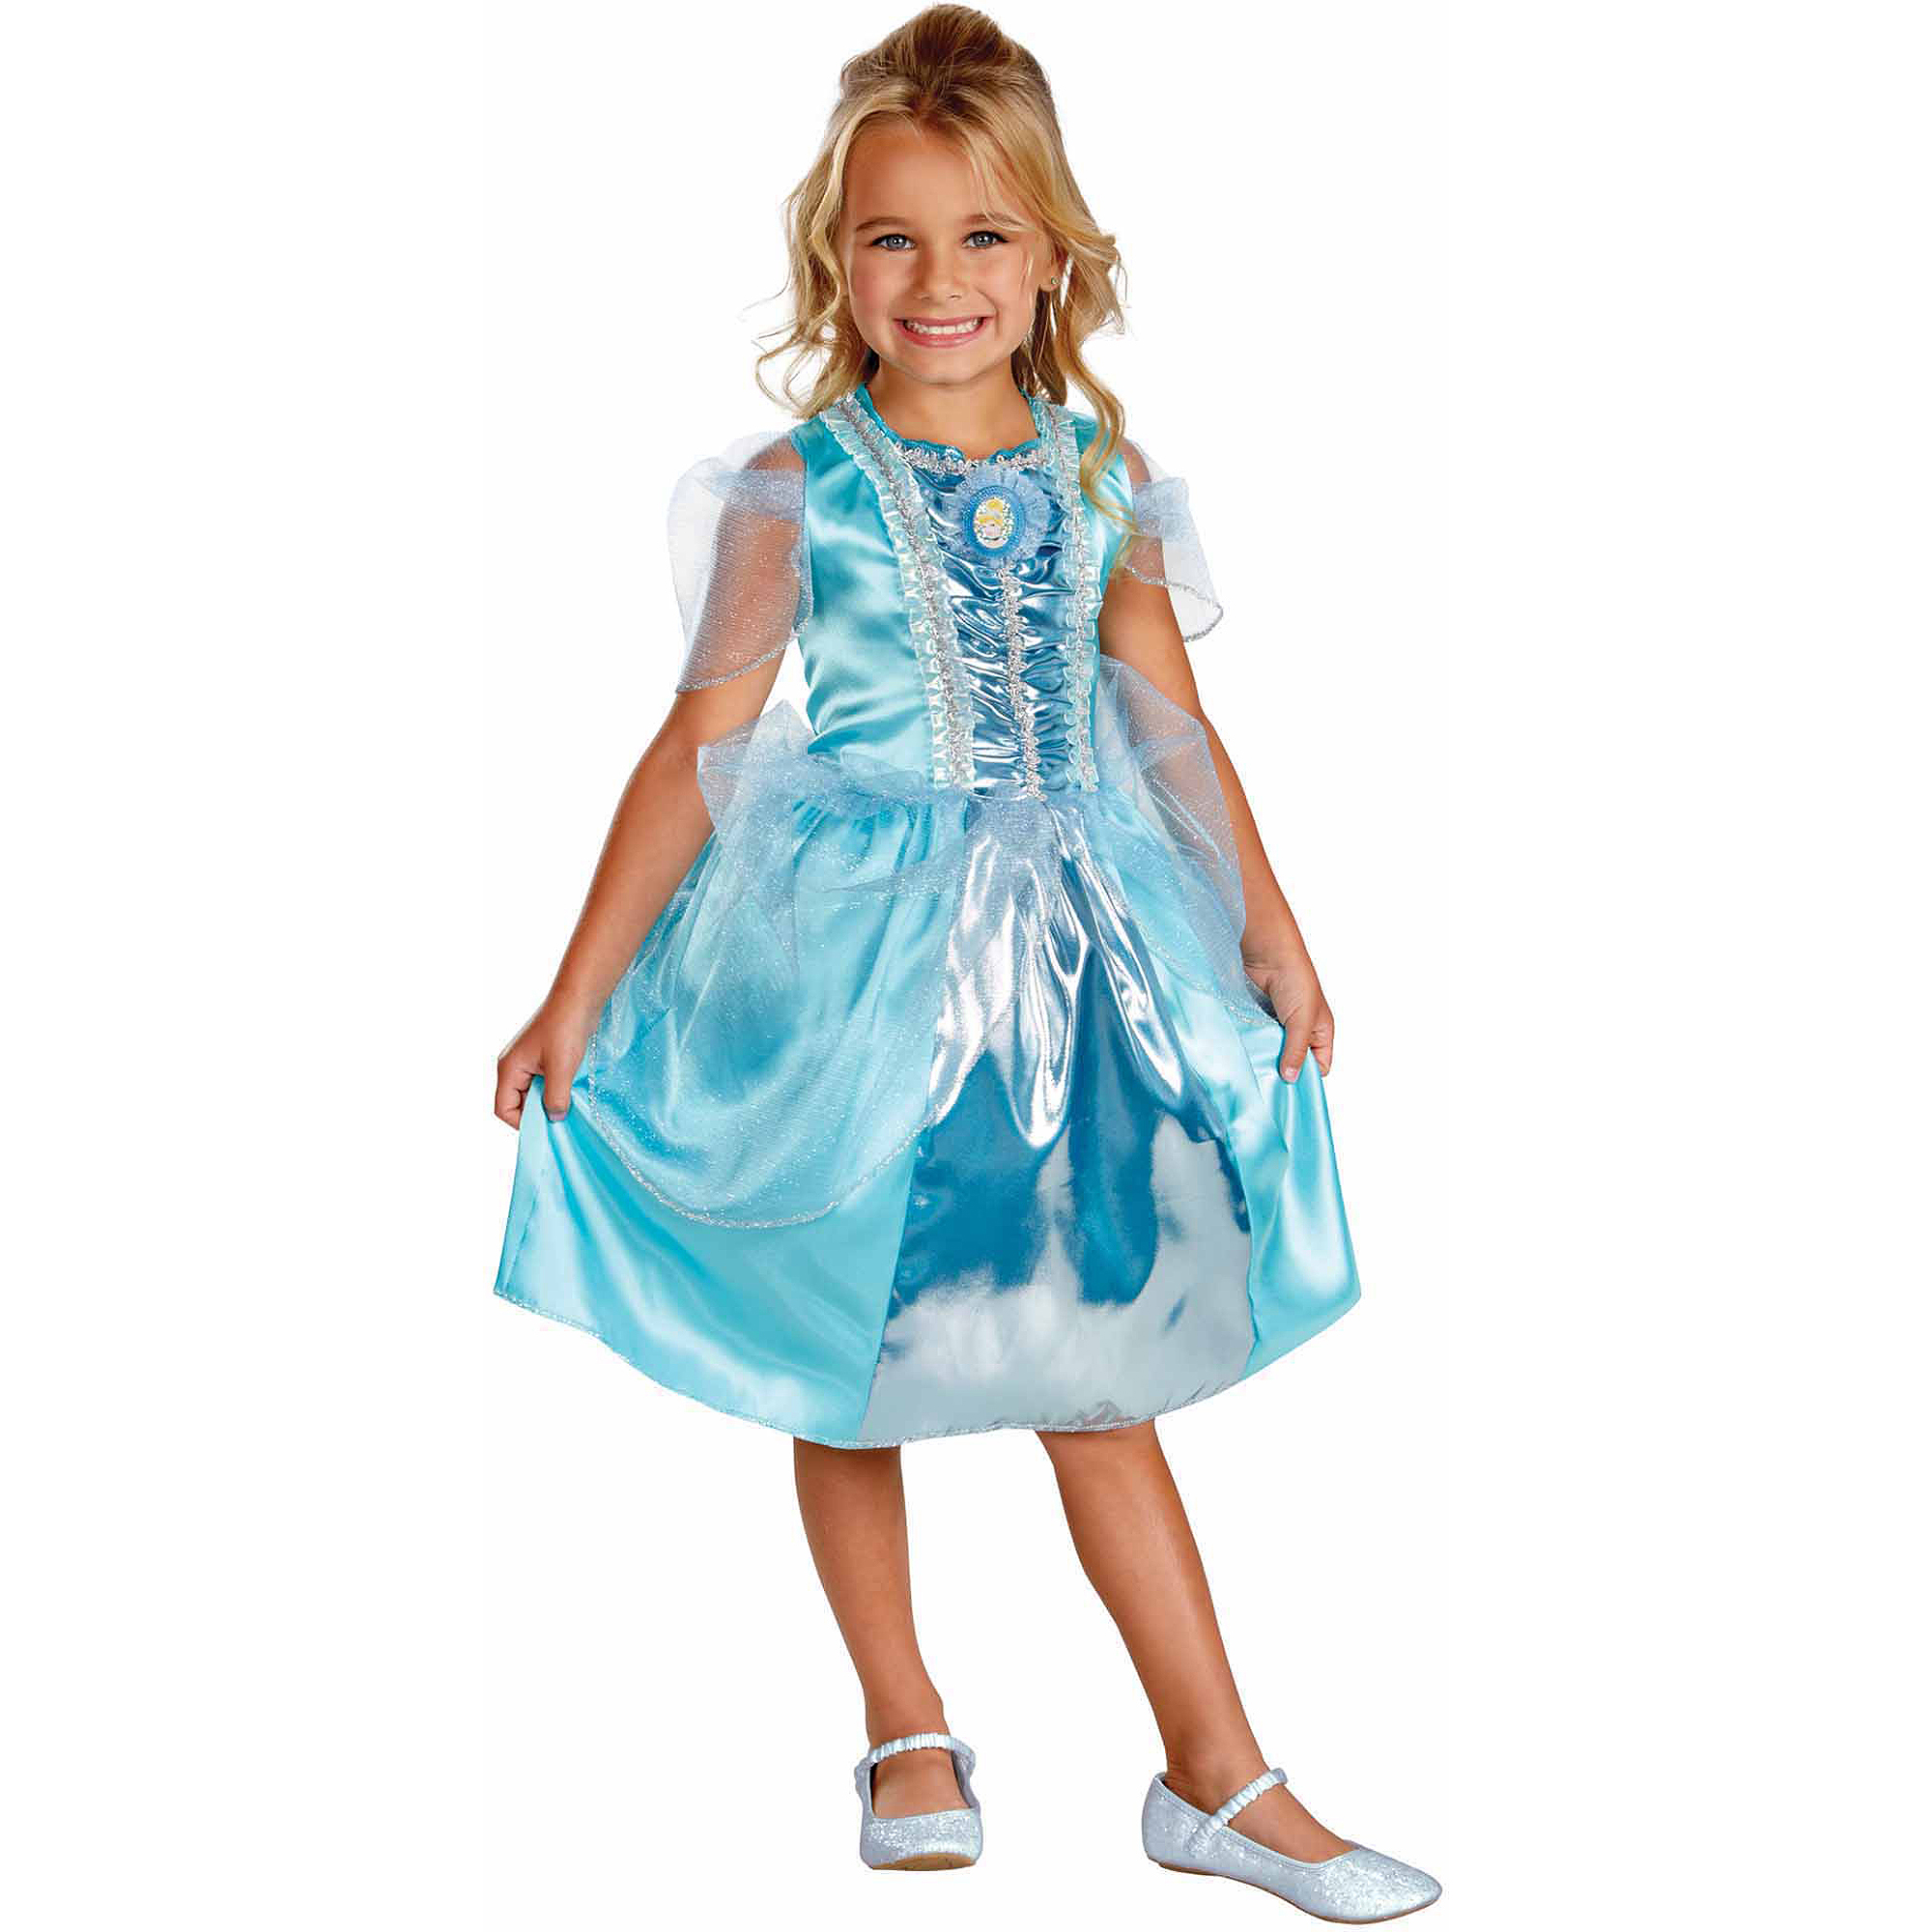 Cinderella Sparkle Child Halloween Costume